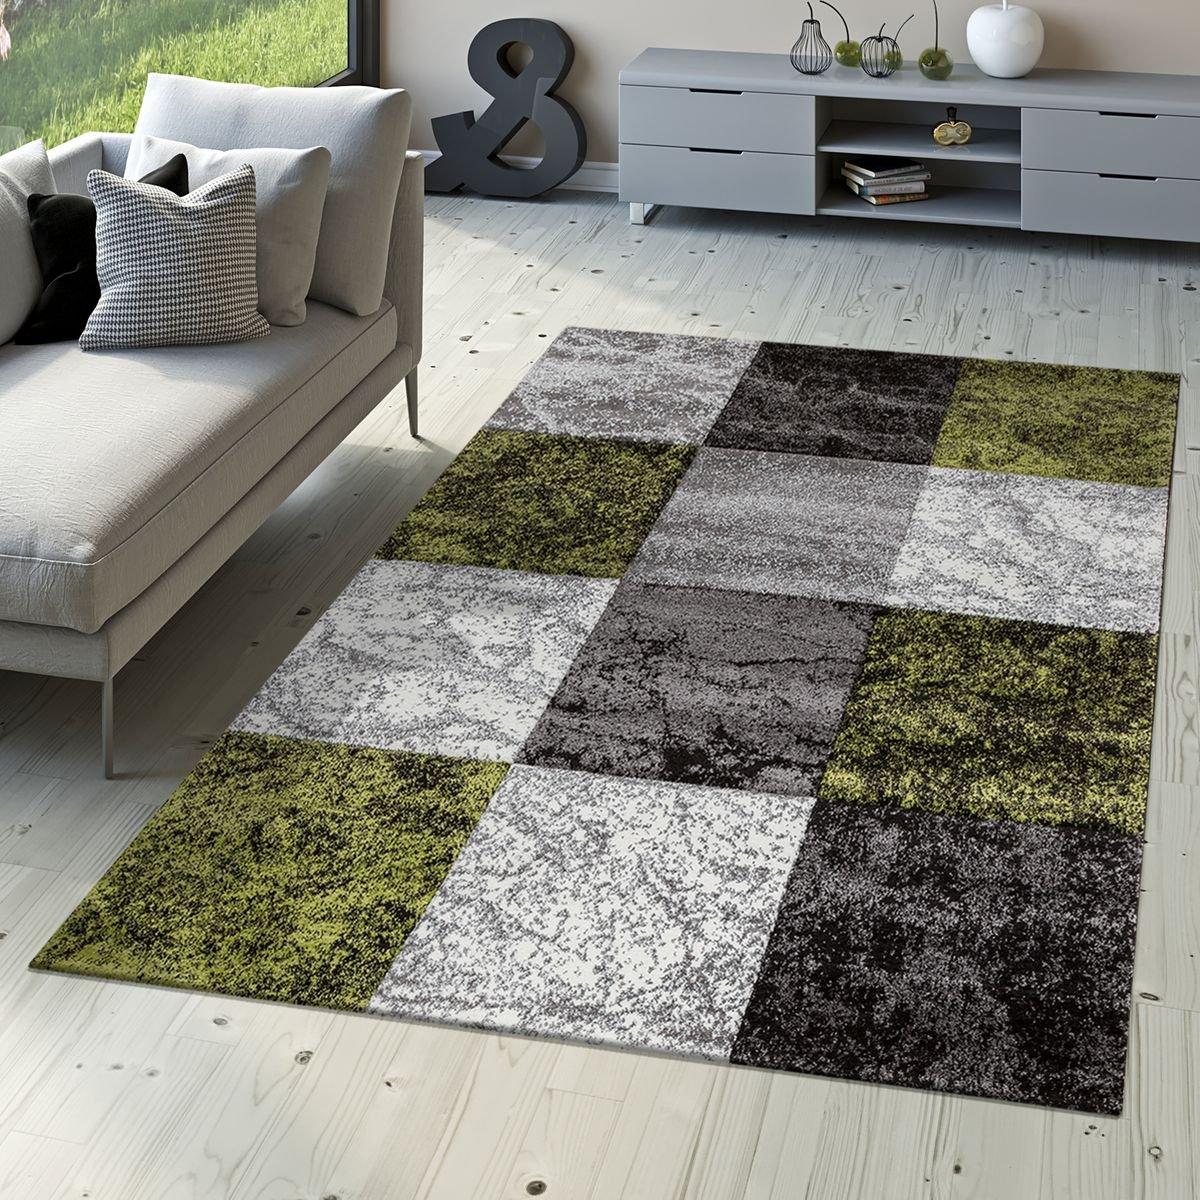 T&T Design Designer Teppich Valencia Modern mit Marmor Optik Kariert Meliert Grün Grau Weiß, Größe 160x230 cm